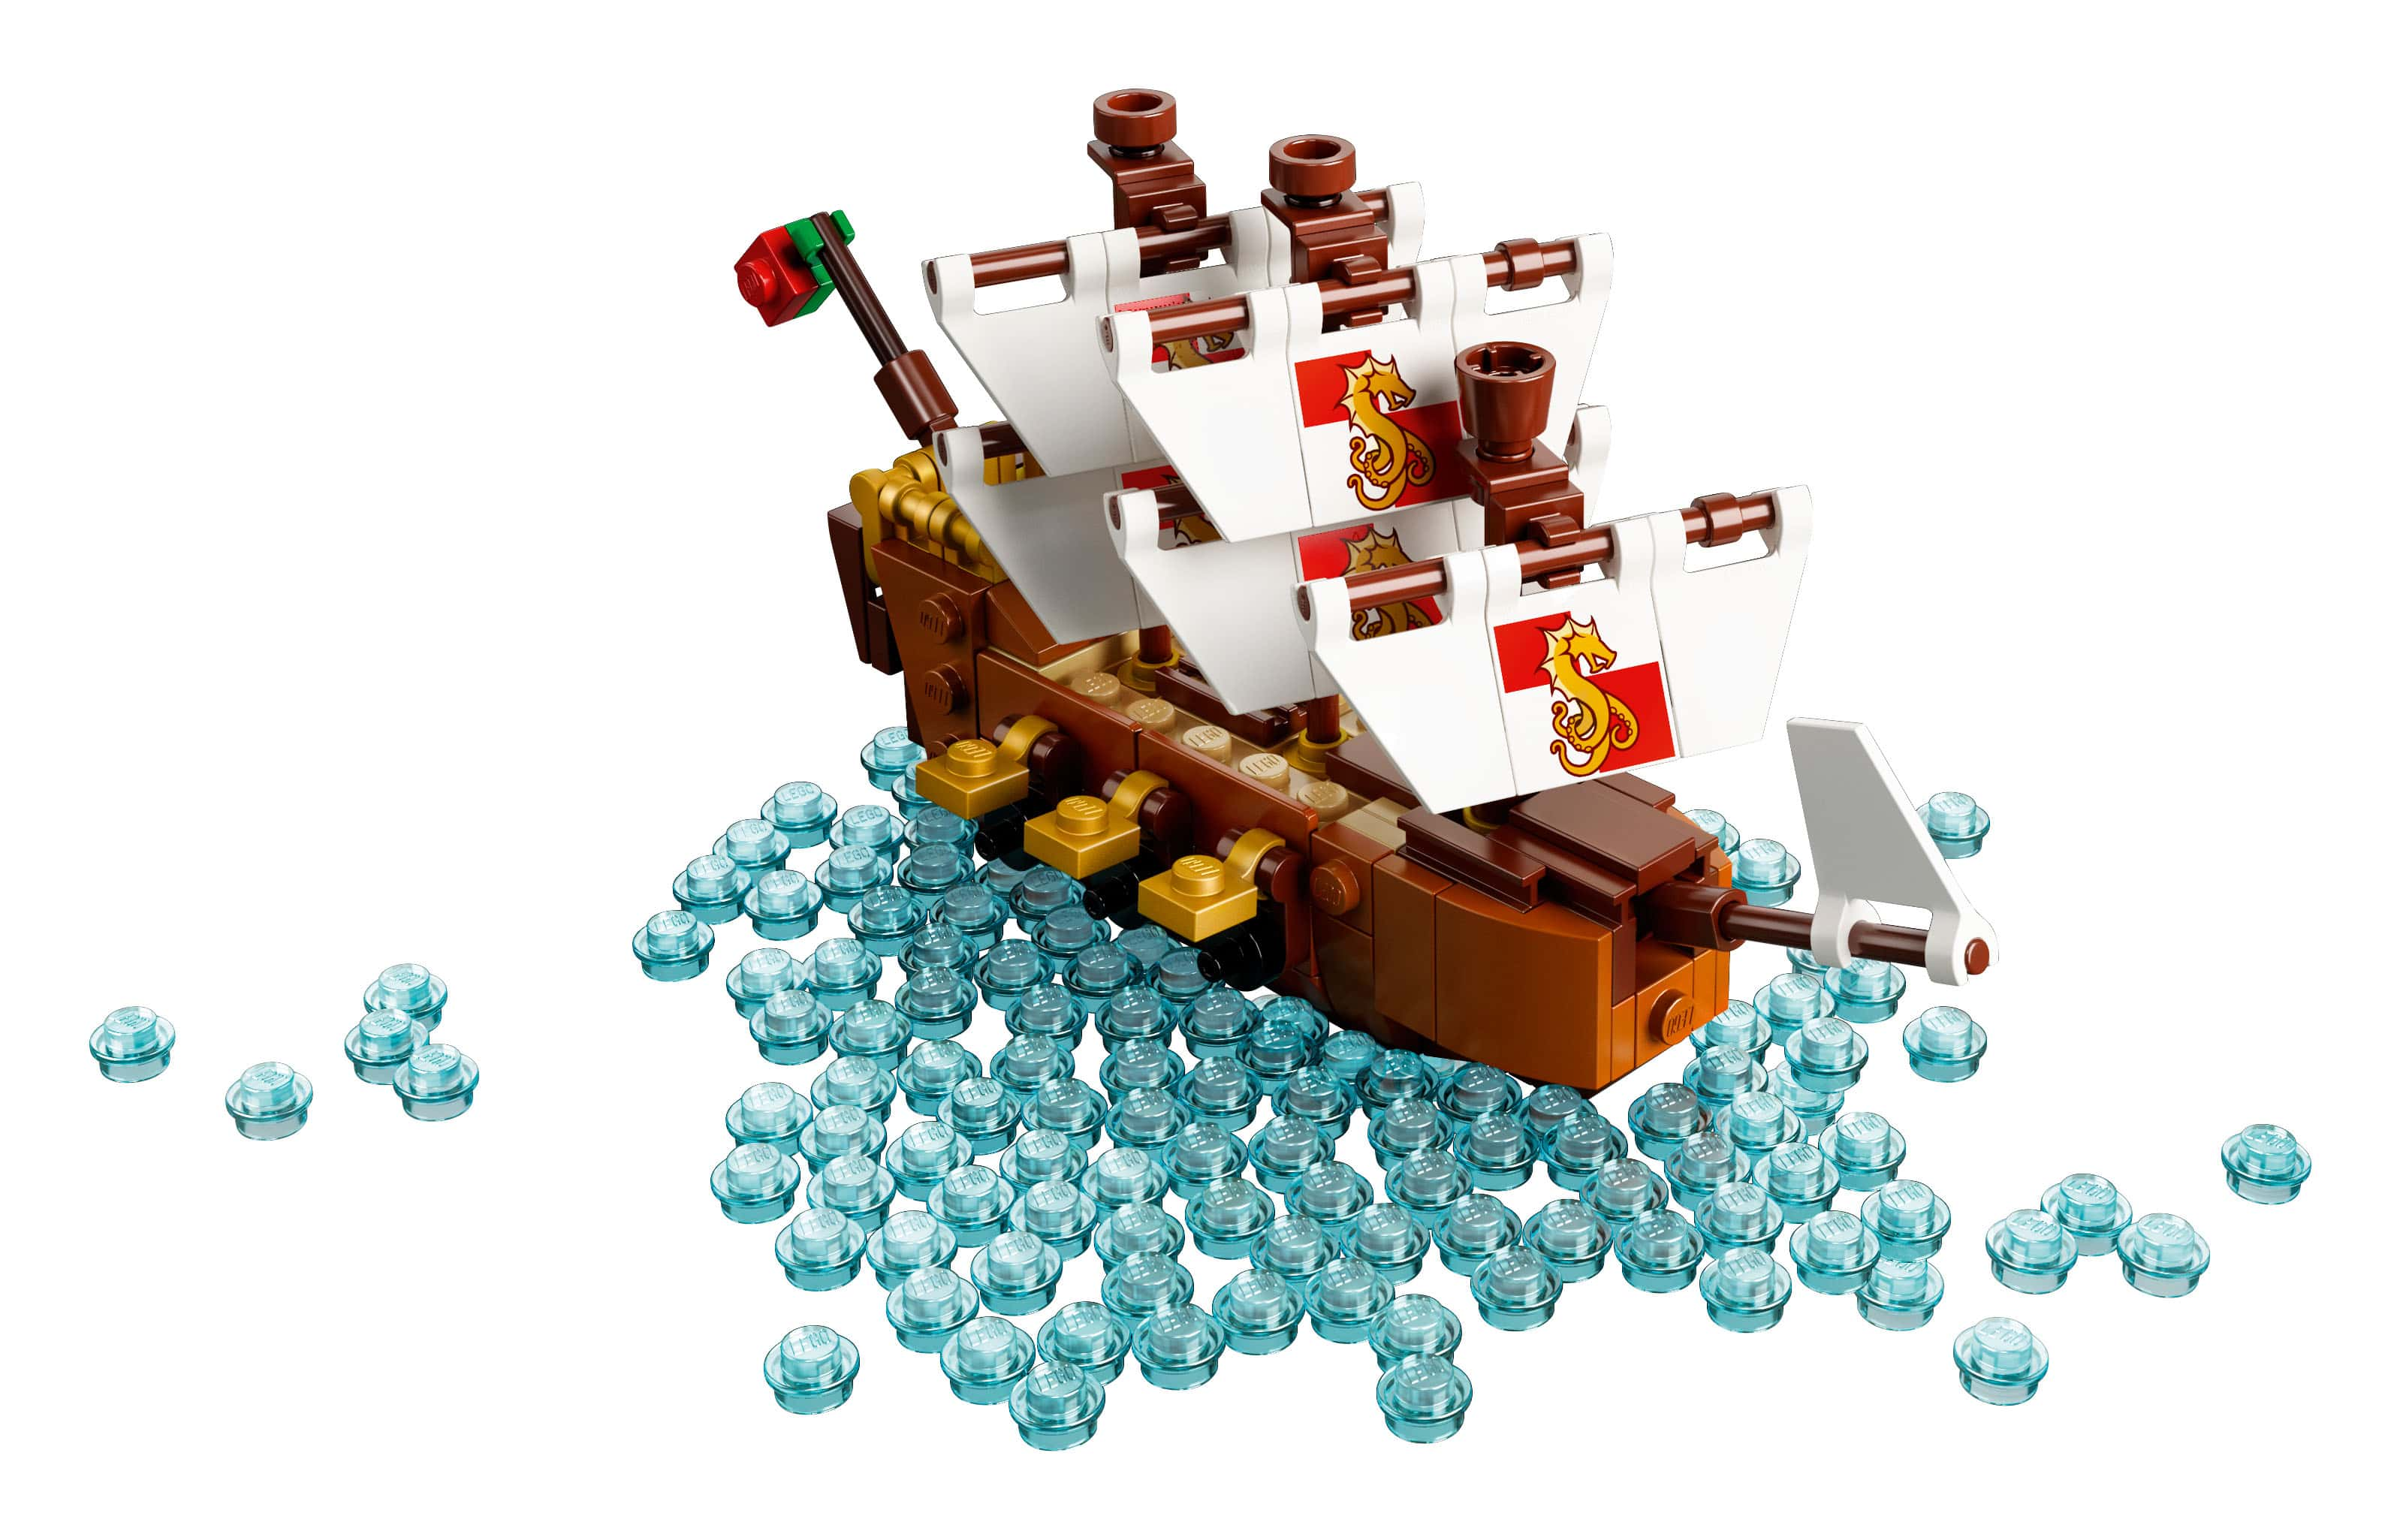 """Con tàu xinh đẹp có tên """"Leviathan"""" mặc dù """" bé bé xinh xinh"""" nhưng cũng đầy đủ công năng cơ bản như : khu thuyền truởng, cột buồm, cờ, khẩu đại bác....."""